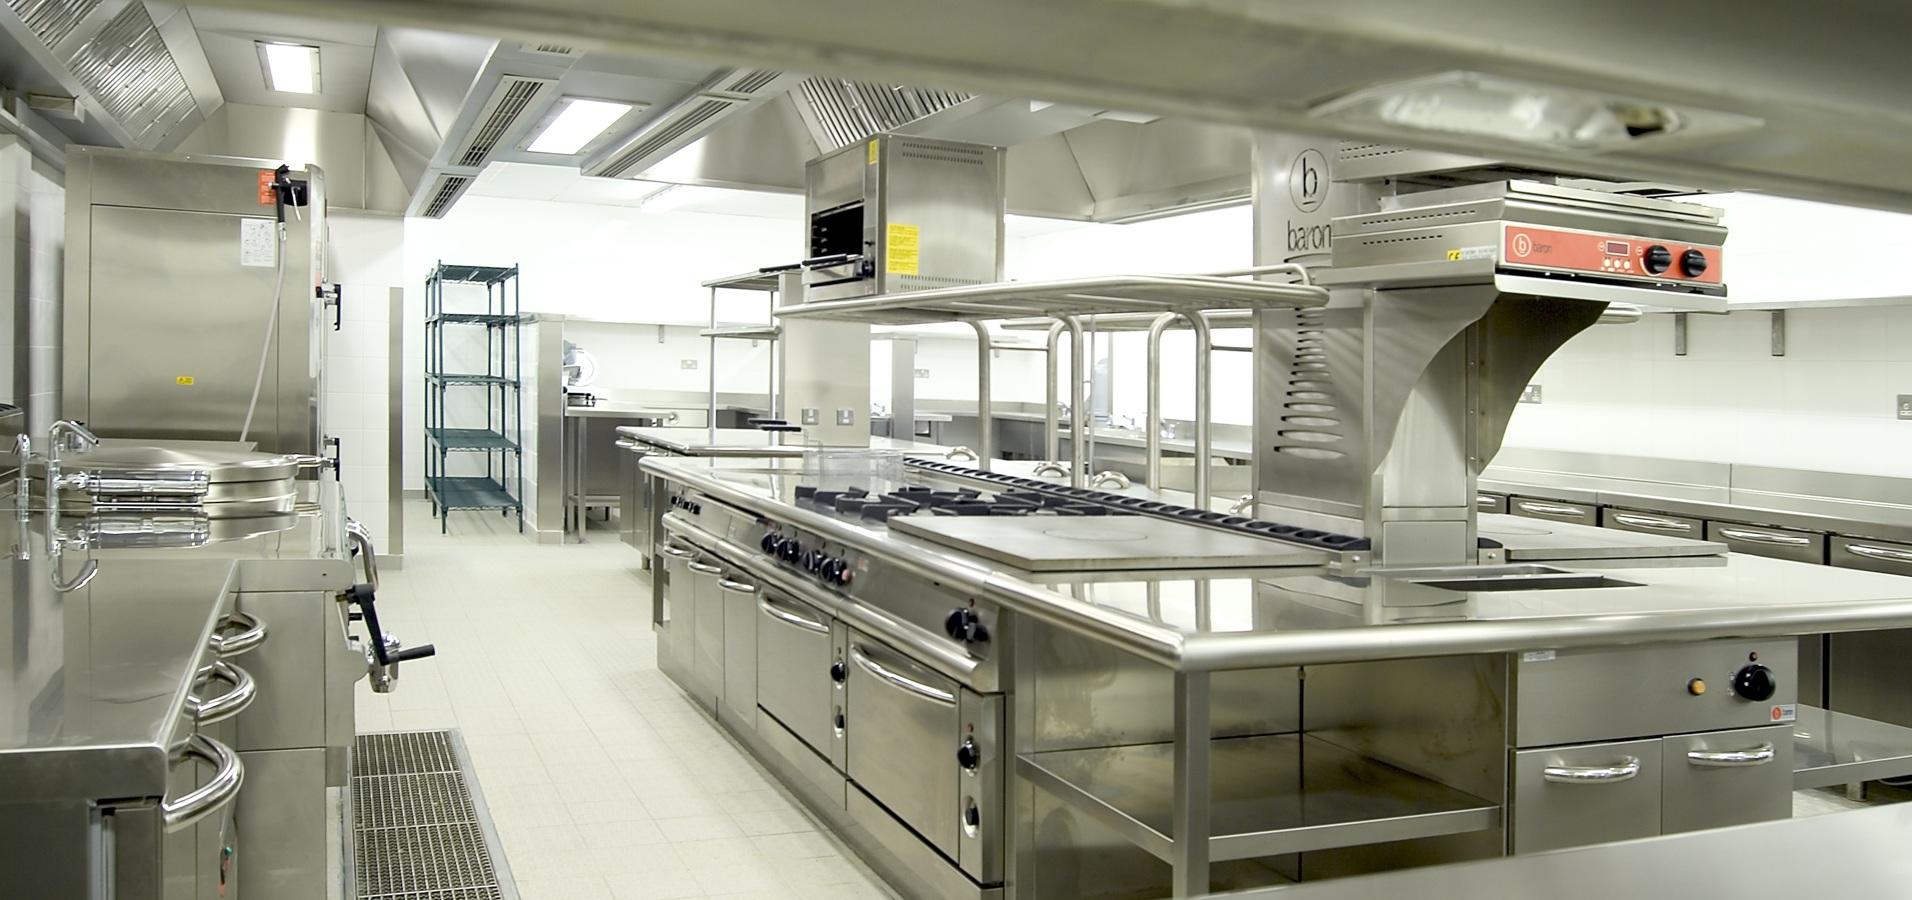 Профессиональная кухня выглядит именно так